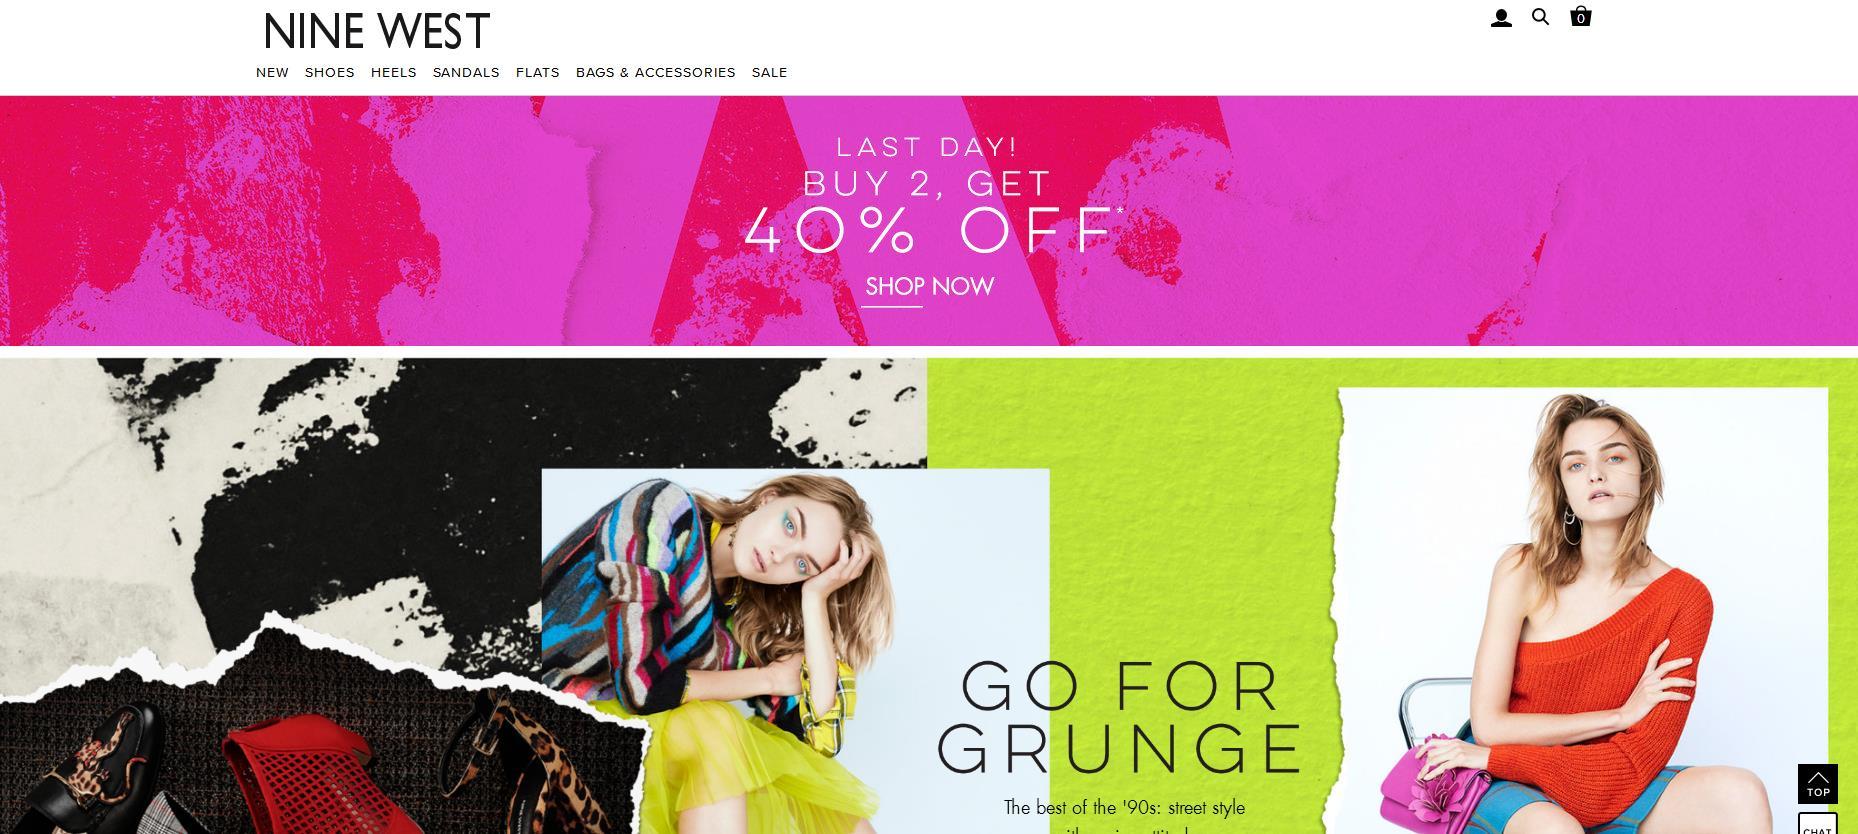 Nine West 集团继卖掉同名品牌后,进一步寻求出售旗下更多珠宝与服装品牌以减轻债务